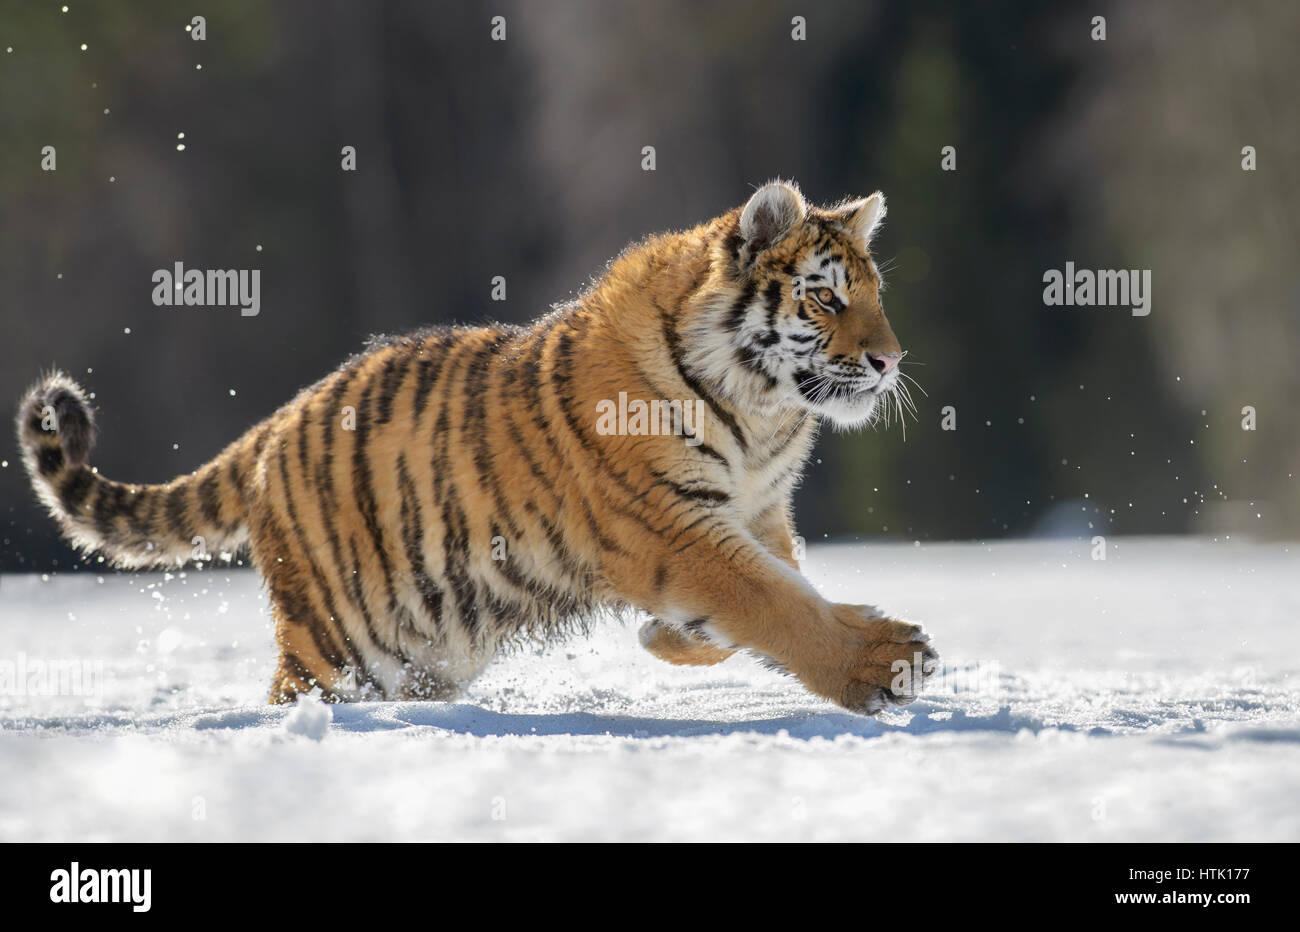 Tigre Siberiana (Panthera tigris altaica) capretti in esecuzione nella neve, captive, Moravia Repubblica Ceca Immagini Stock